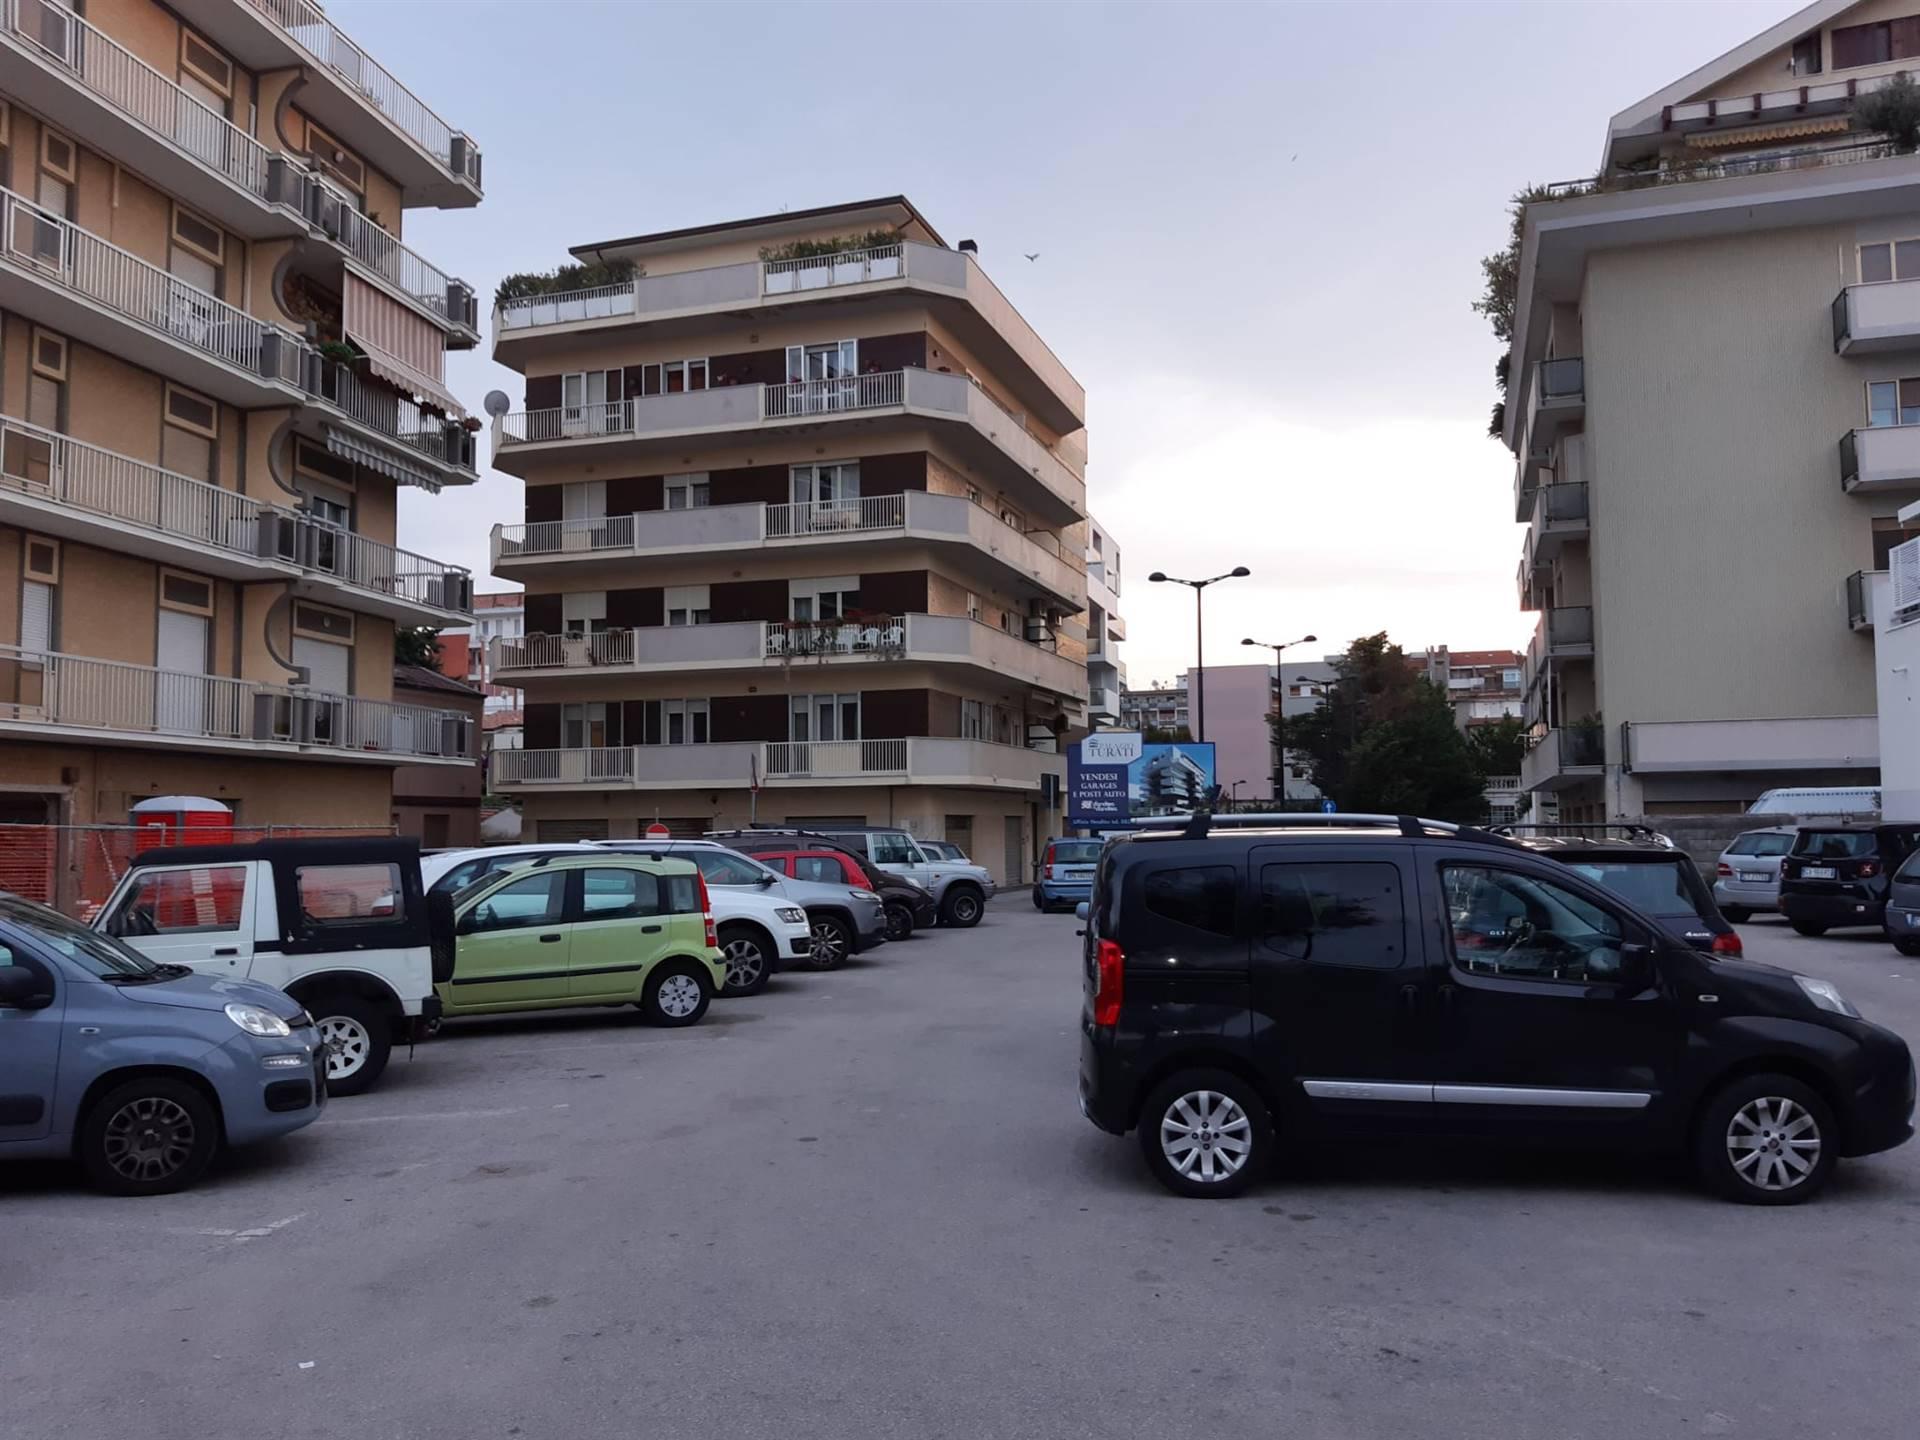 Box / Garage in vendita a Pescara, 1 locali, zona Zona: Centro, prezzo € 75.000 | CambioCasa.it